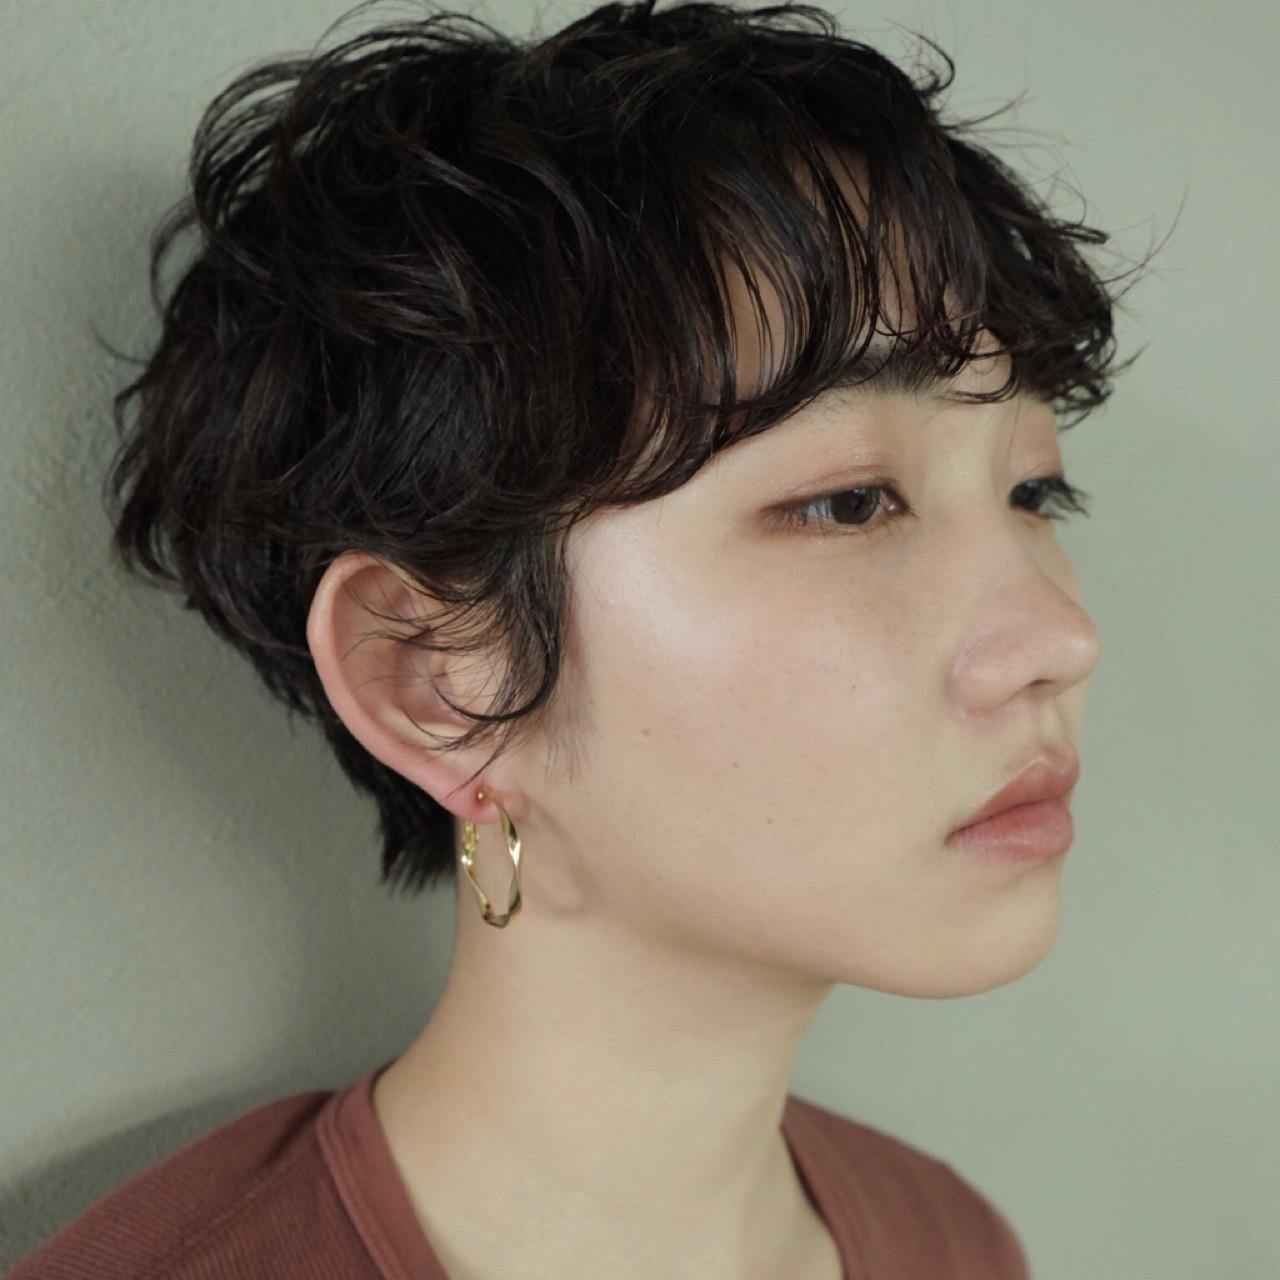 パーマ 前髪あり くせ毛風 ベリーショート ヘアスタイルや髪型の写真・画像